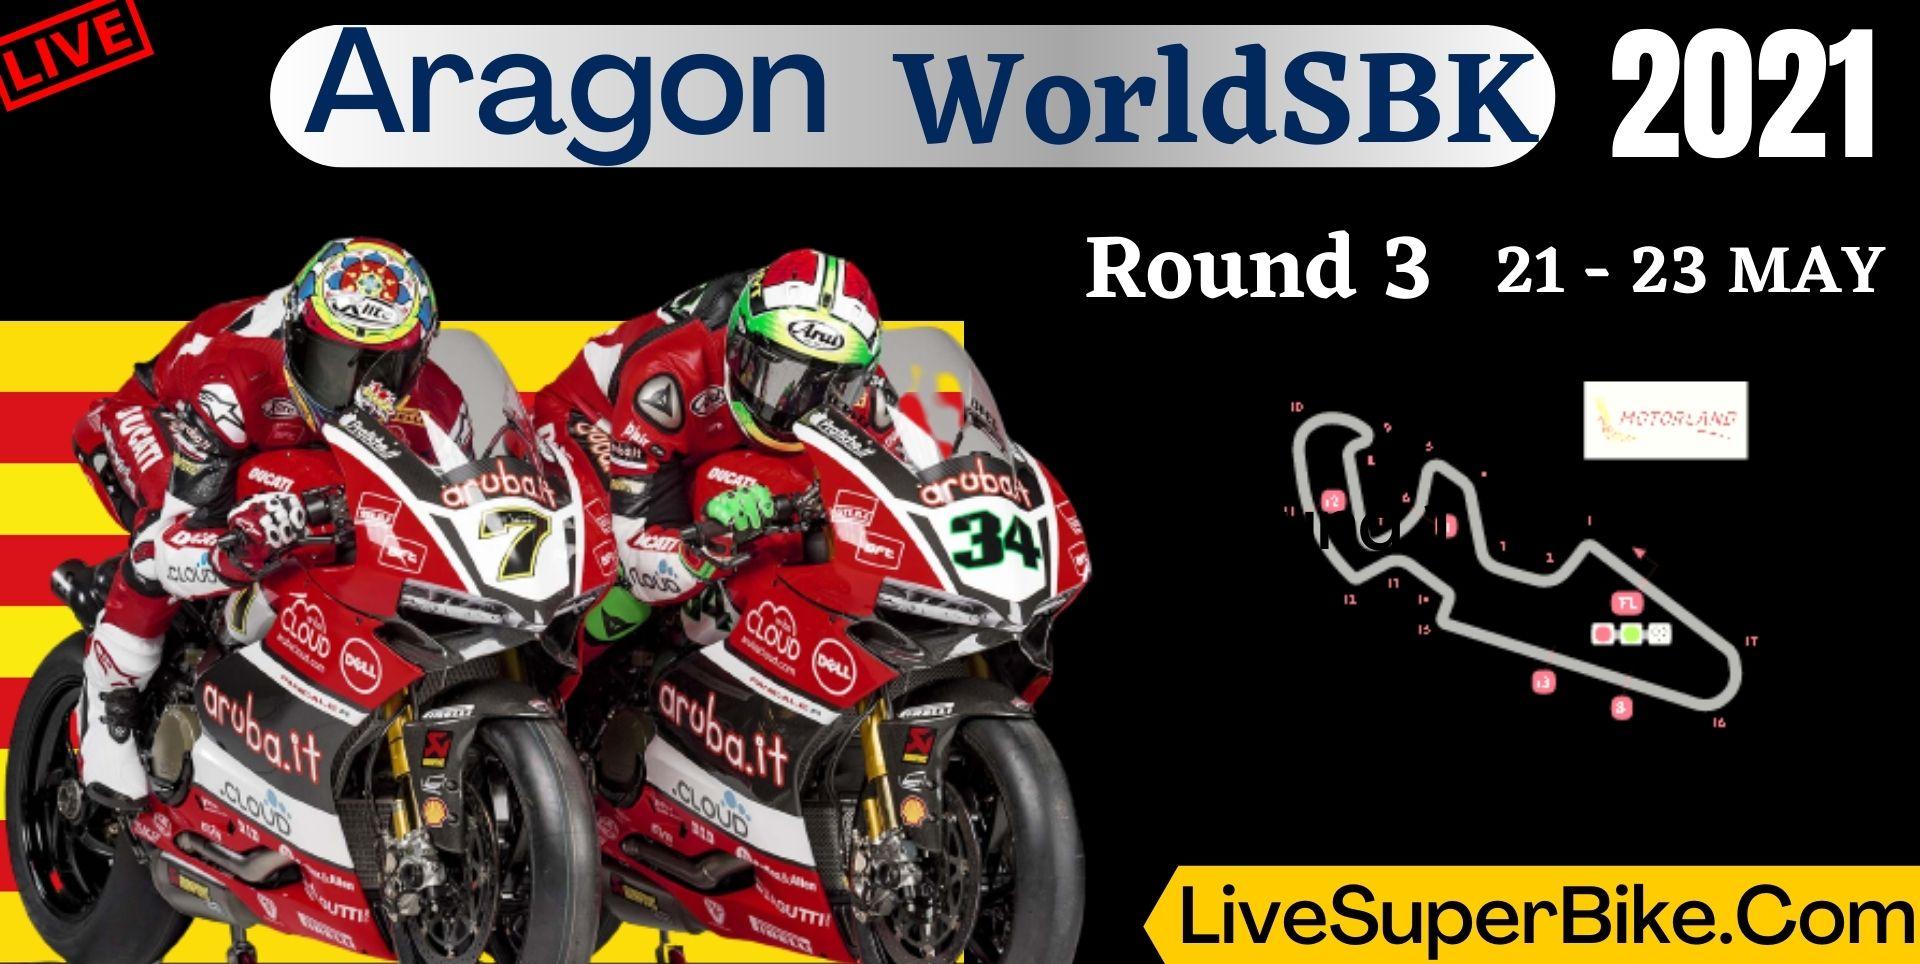 Aragon Round 3 Live Stream 2021 | WorldSBK